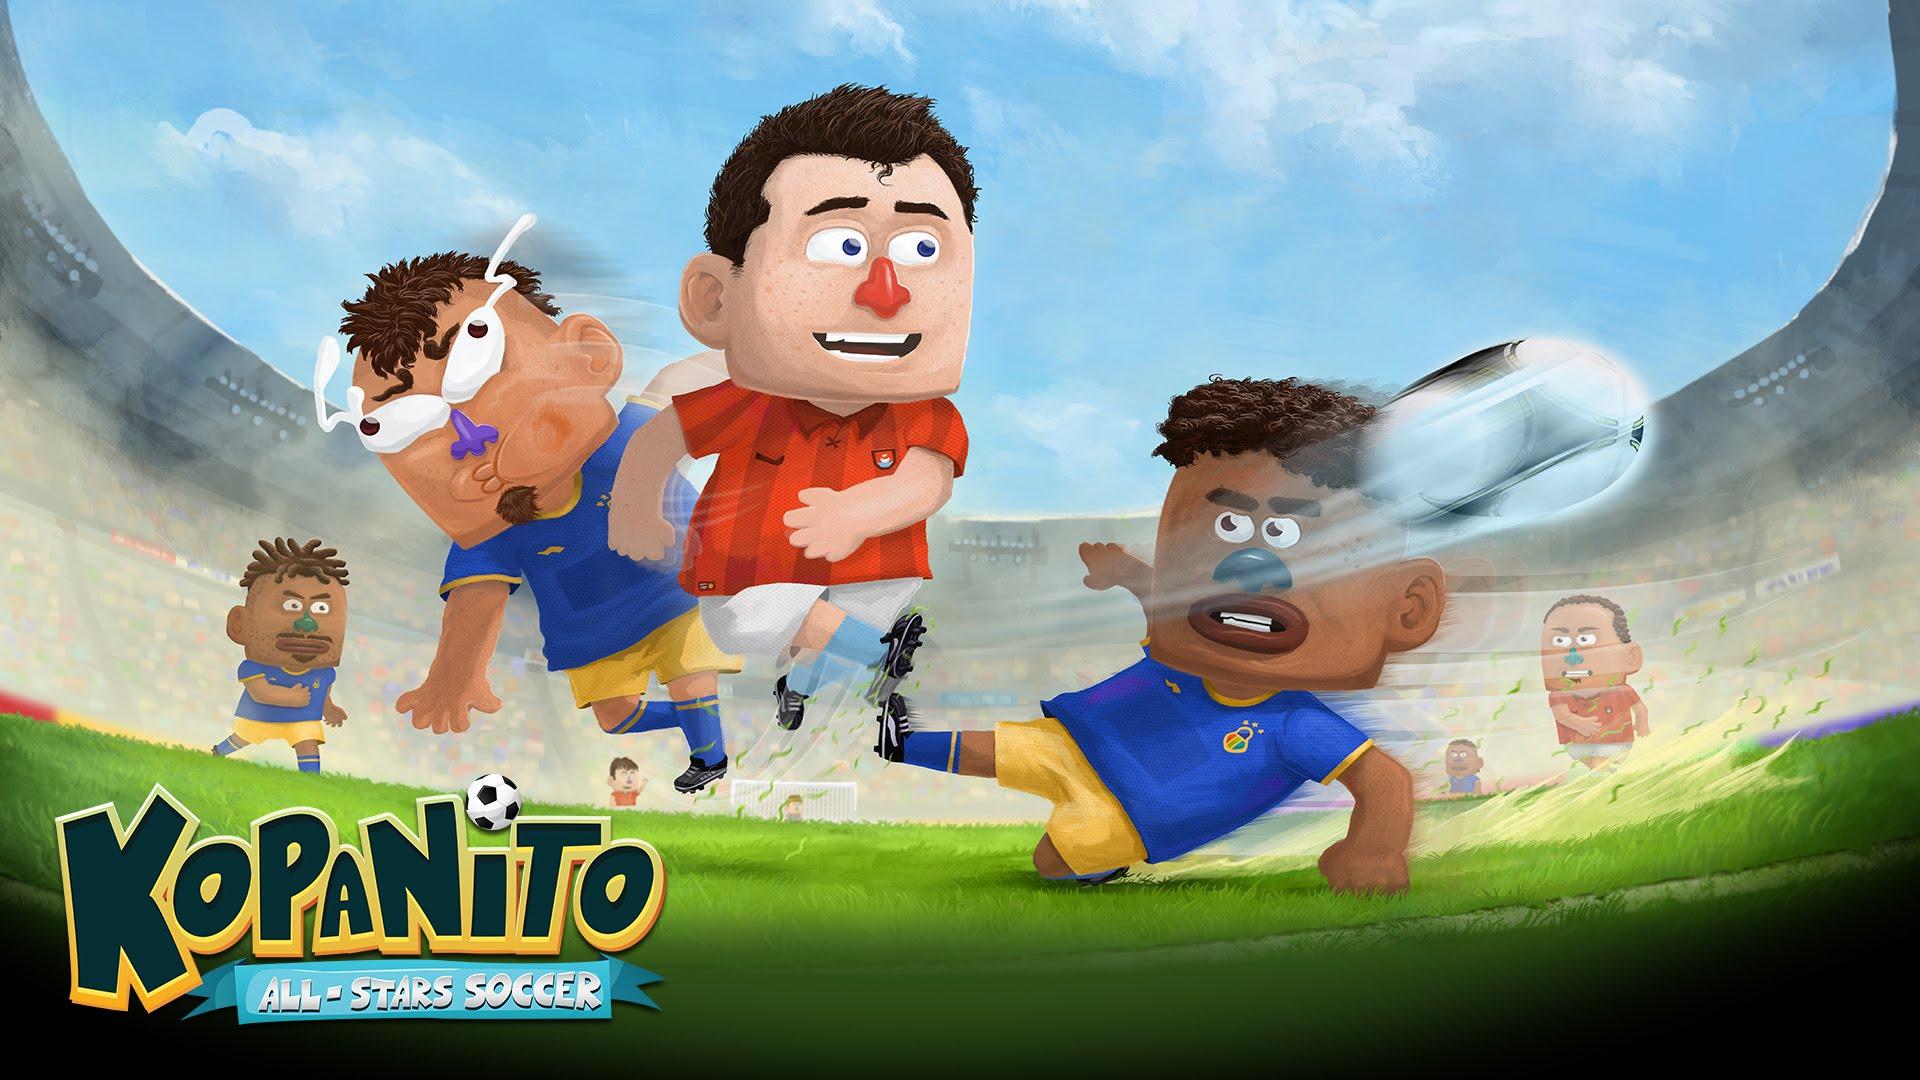 Kopanito All-Stars Soccer : du foot arcade avec des super